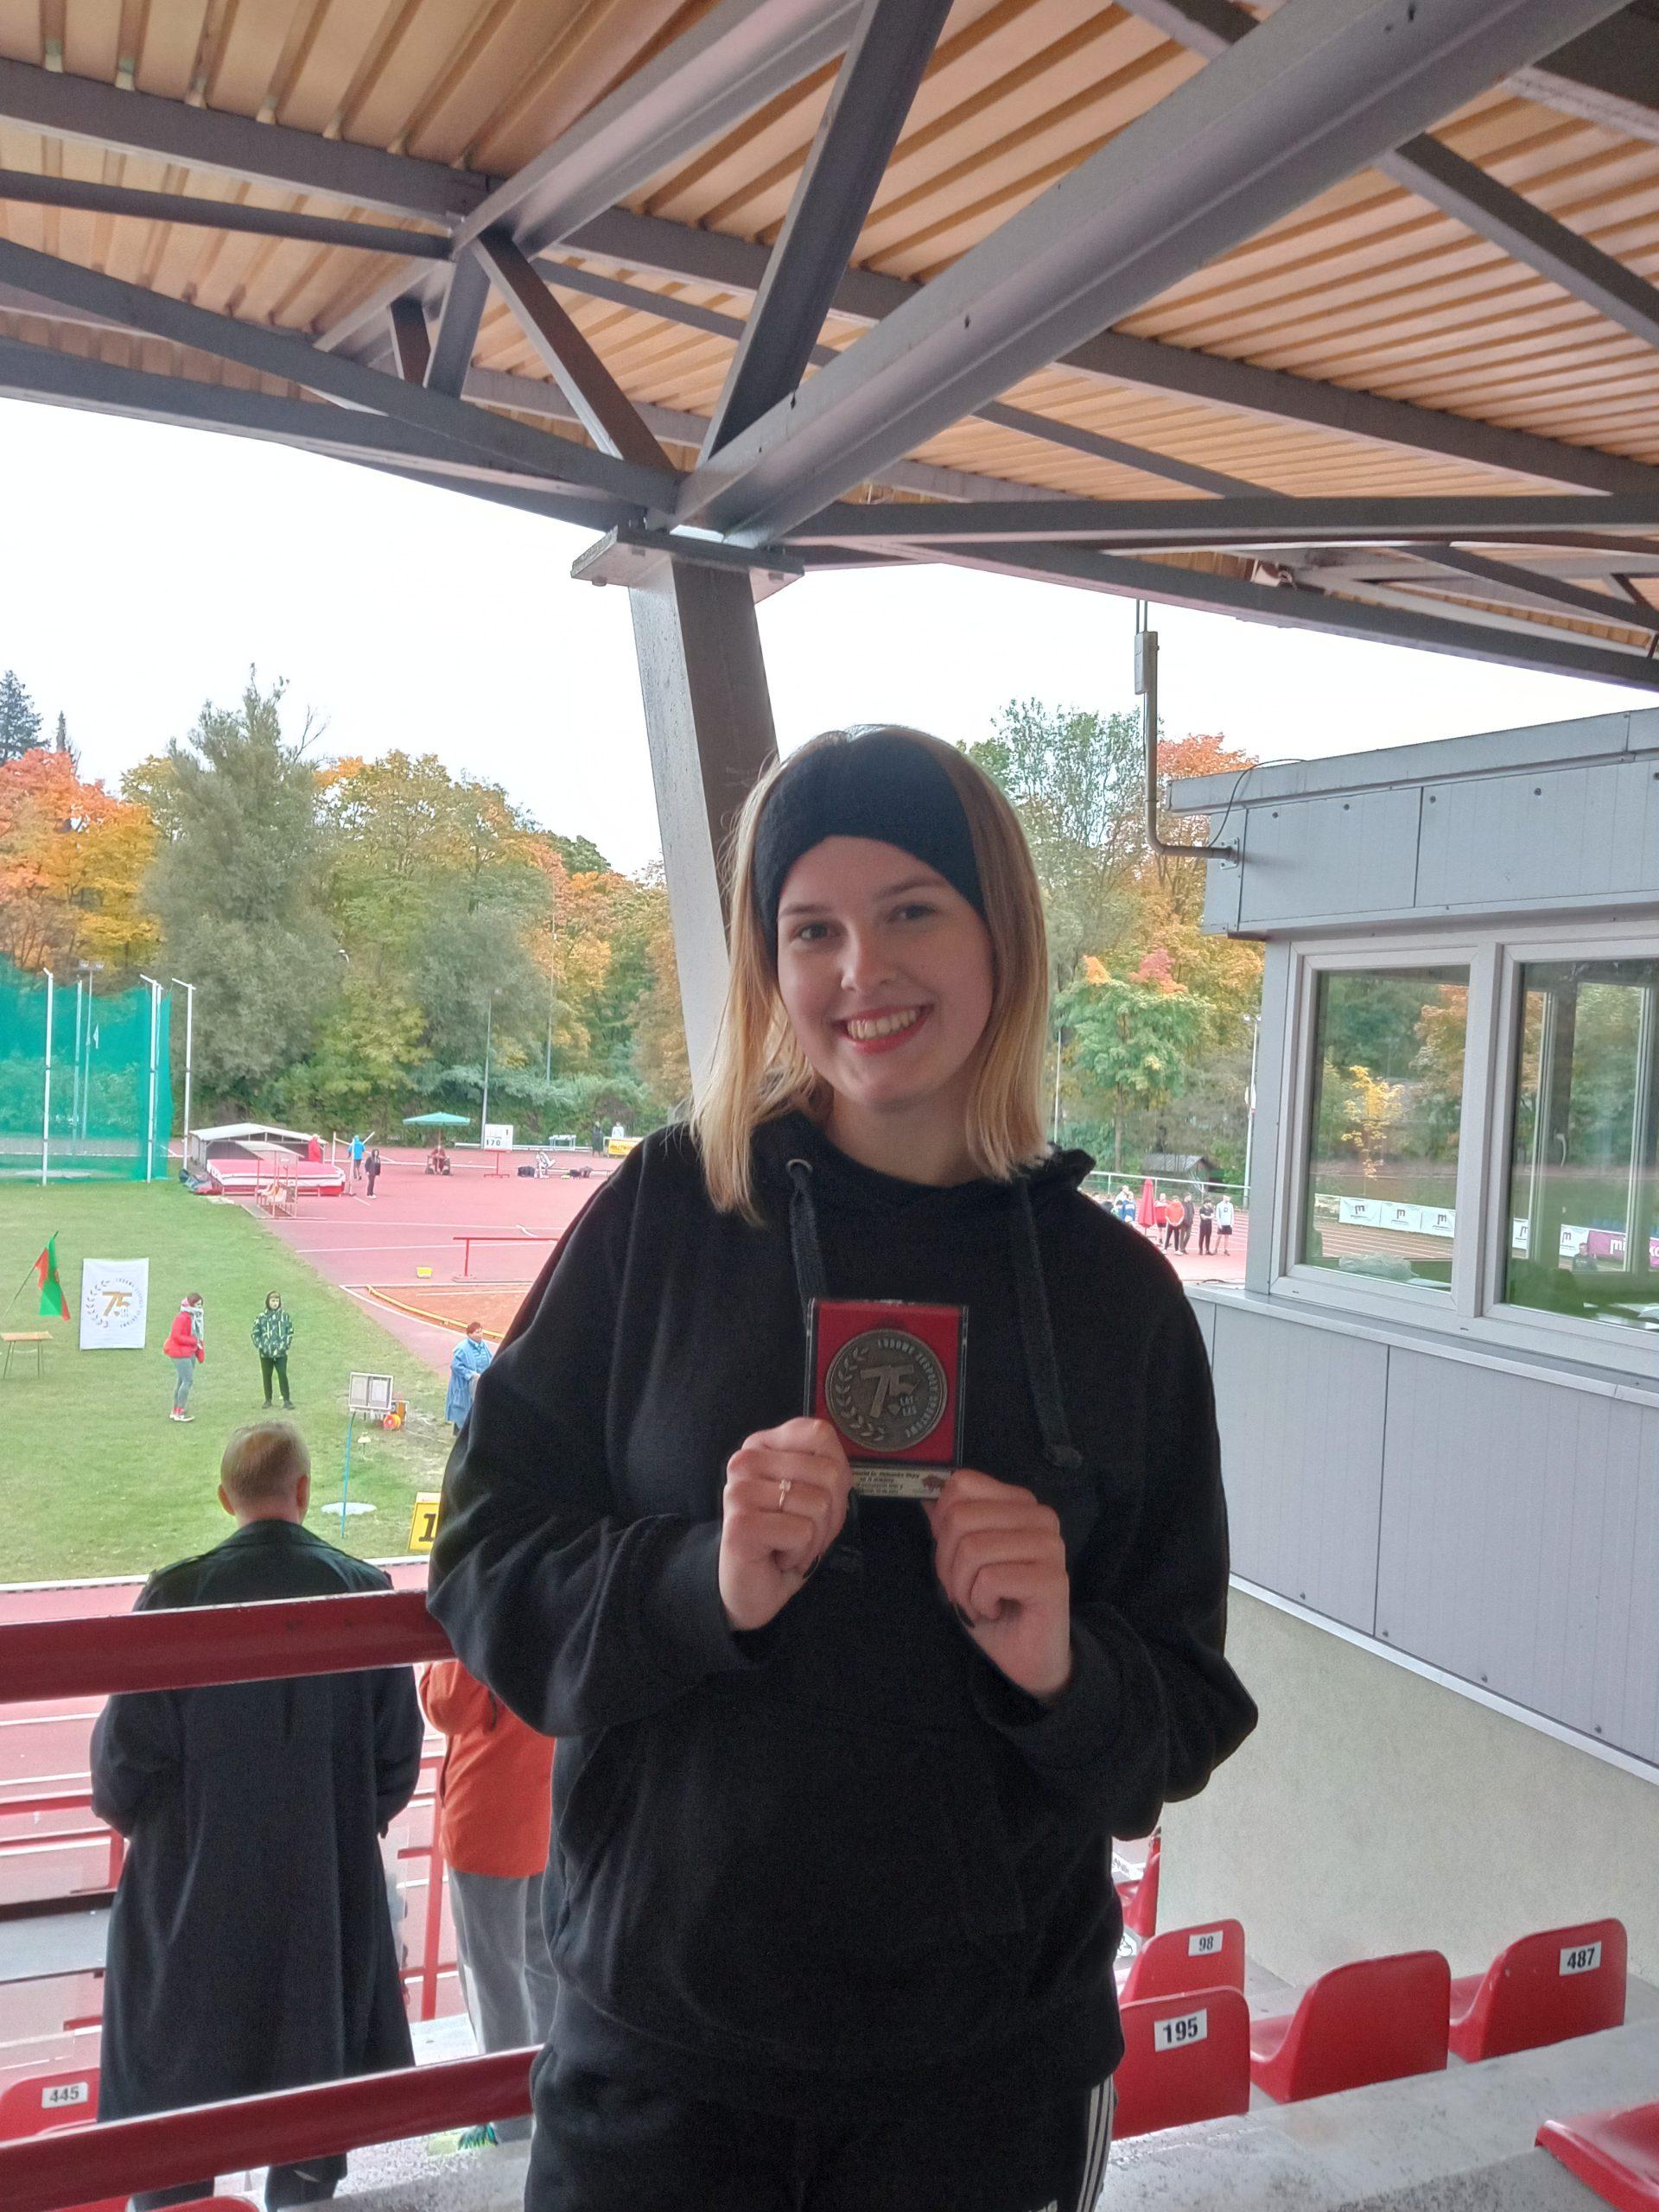 młoda dziewczyna , w ręce trzyma srebrny medal